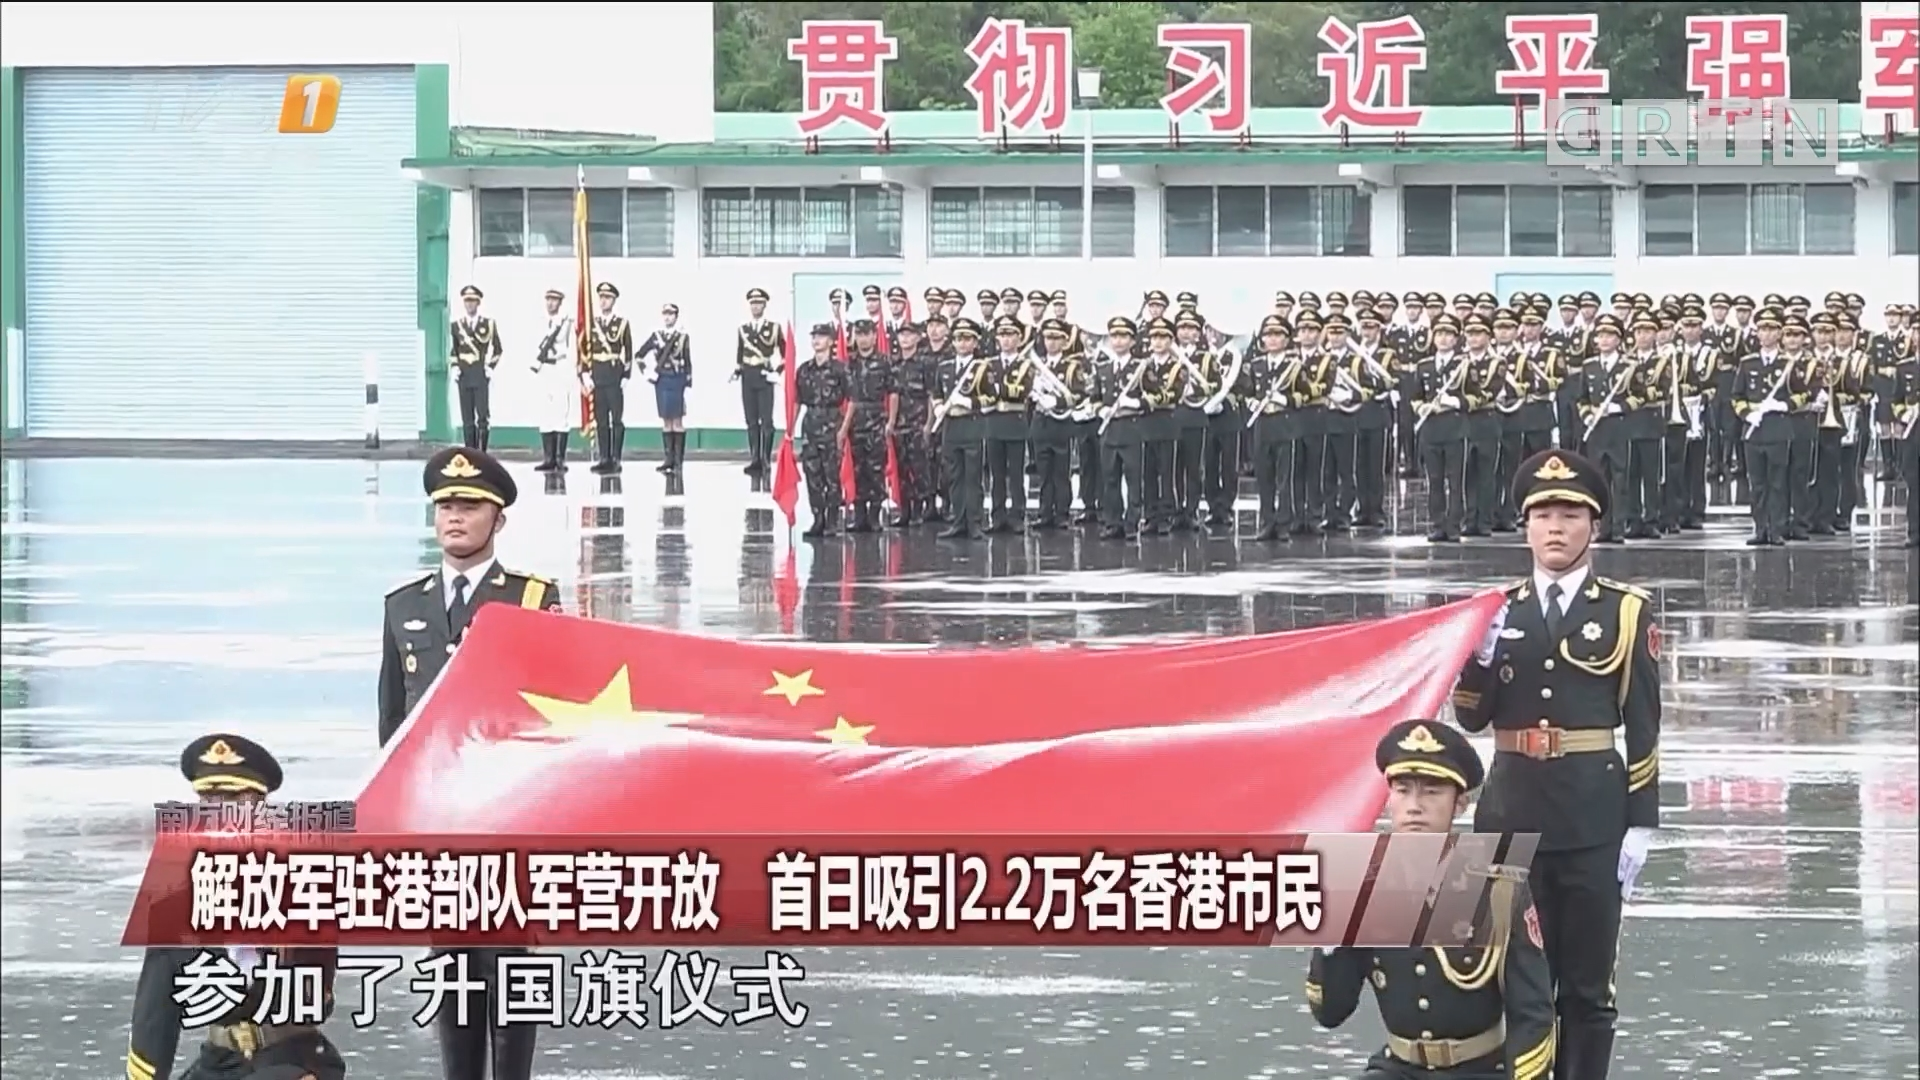 解放军驻港部队军营开放 首日吸引2.2万名香港市民